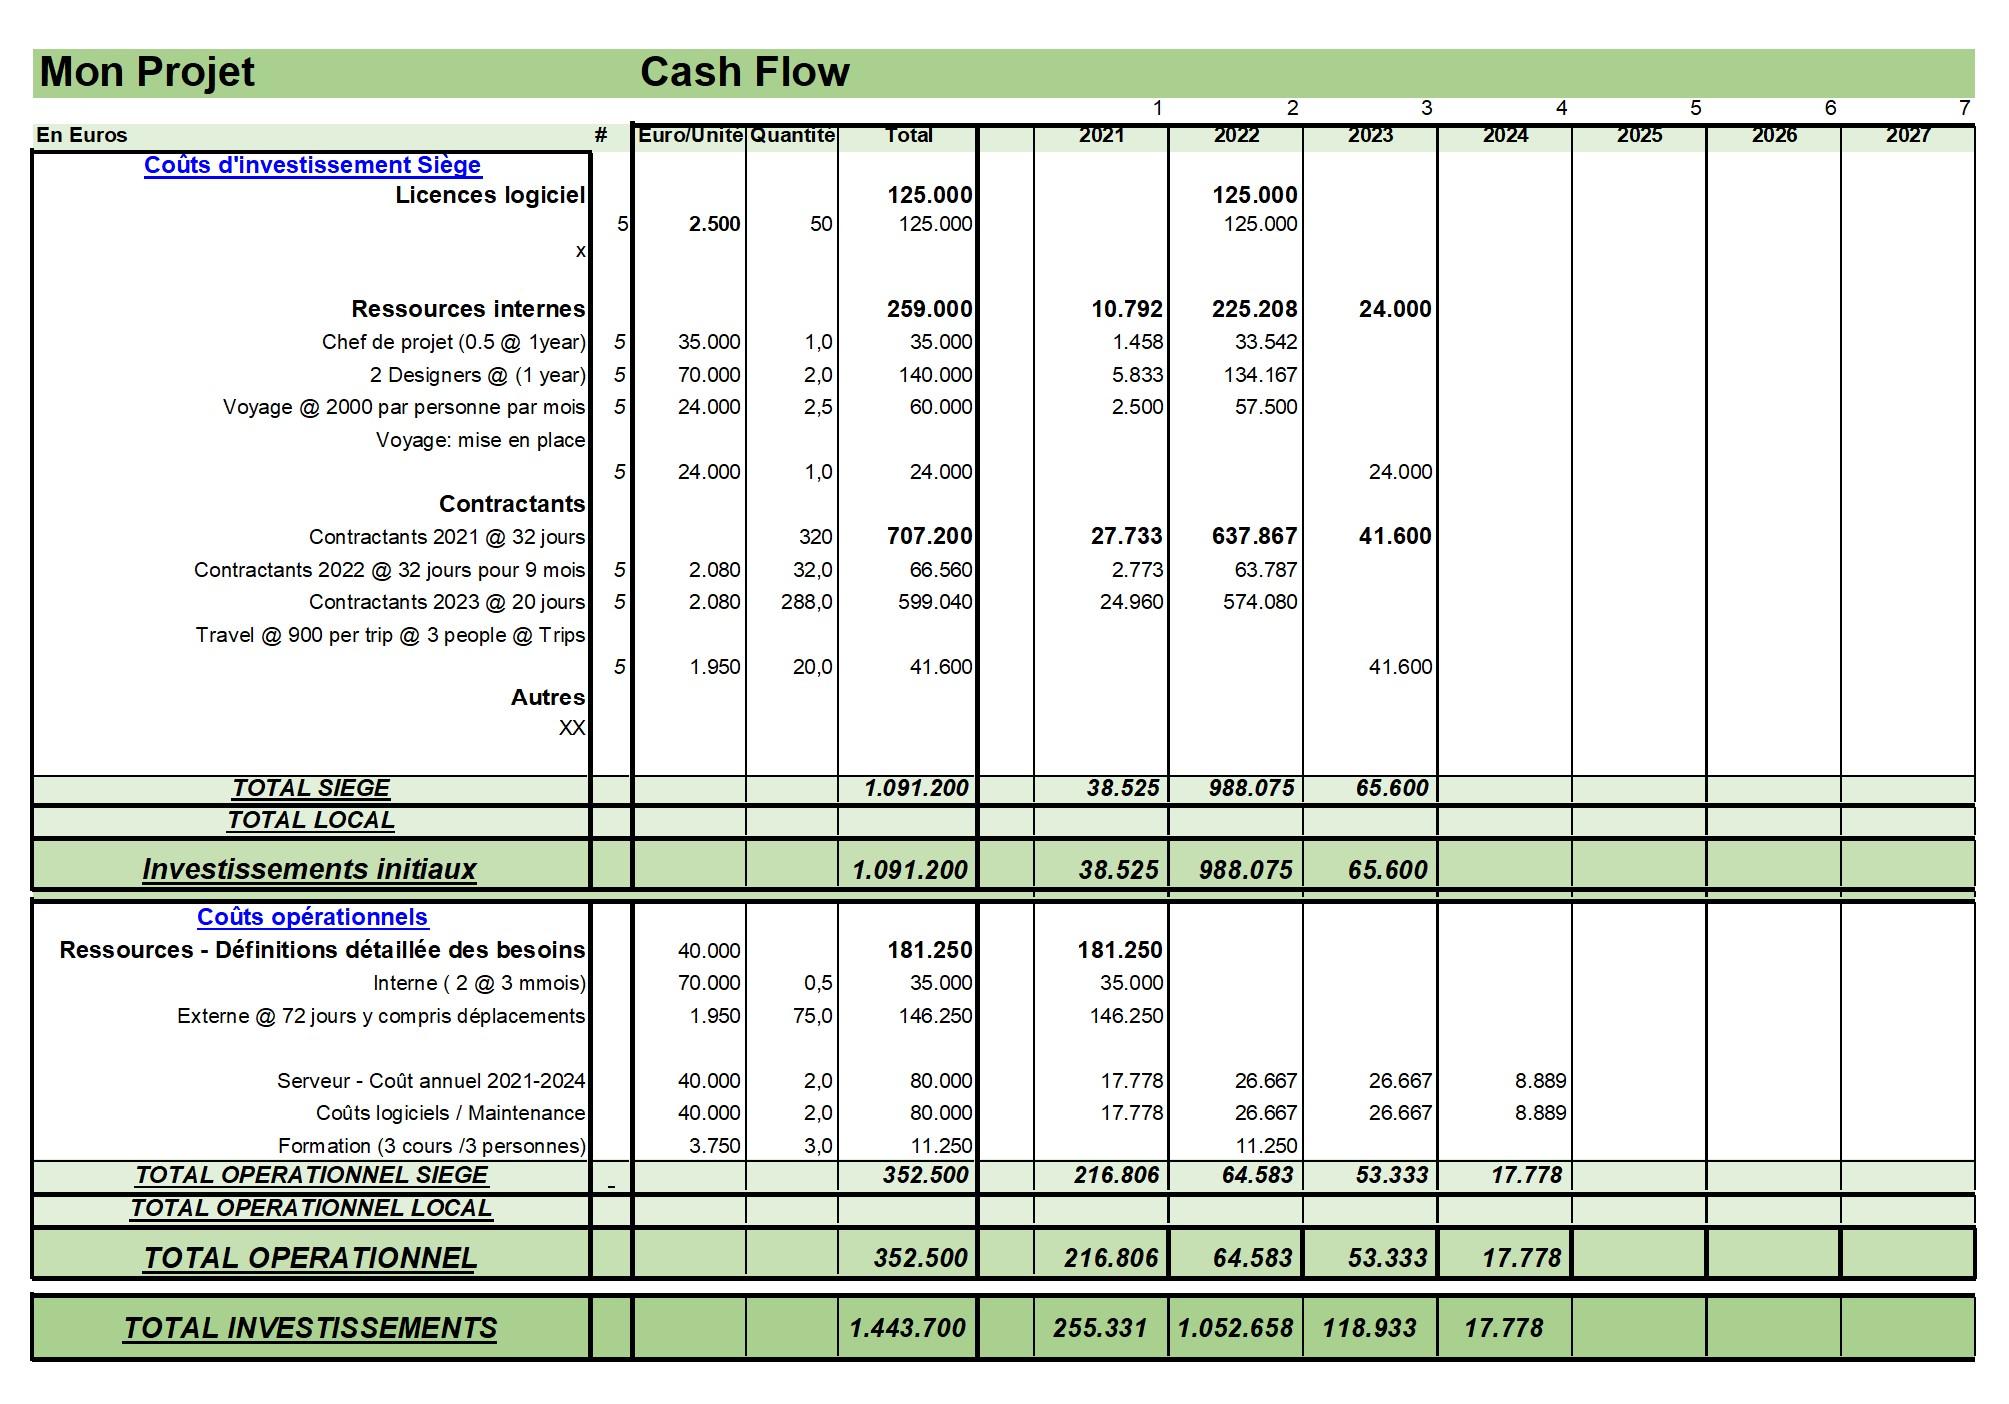 BDGP-Budget-Cash Flow-exemple